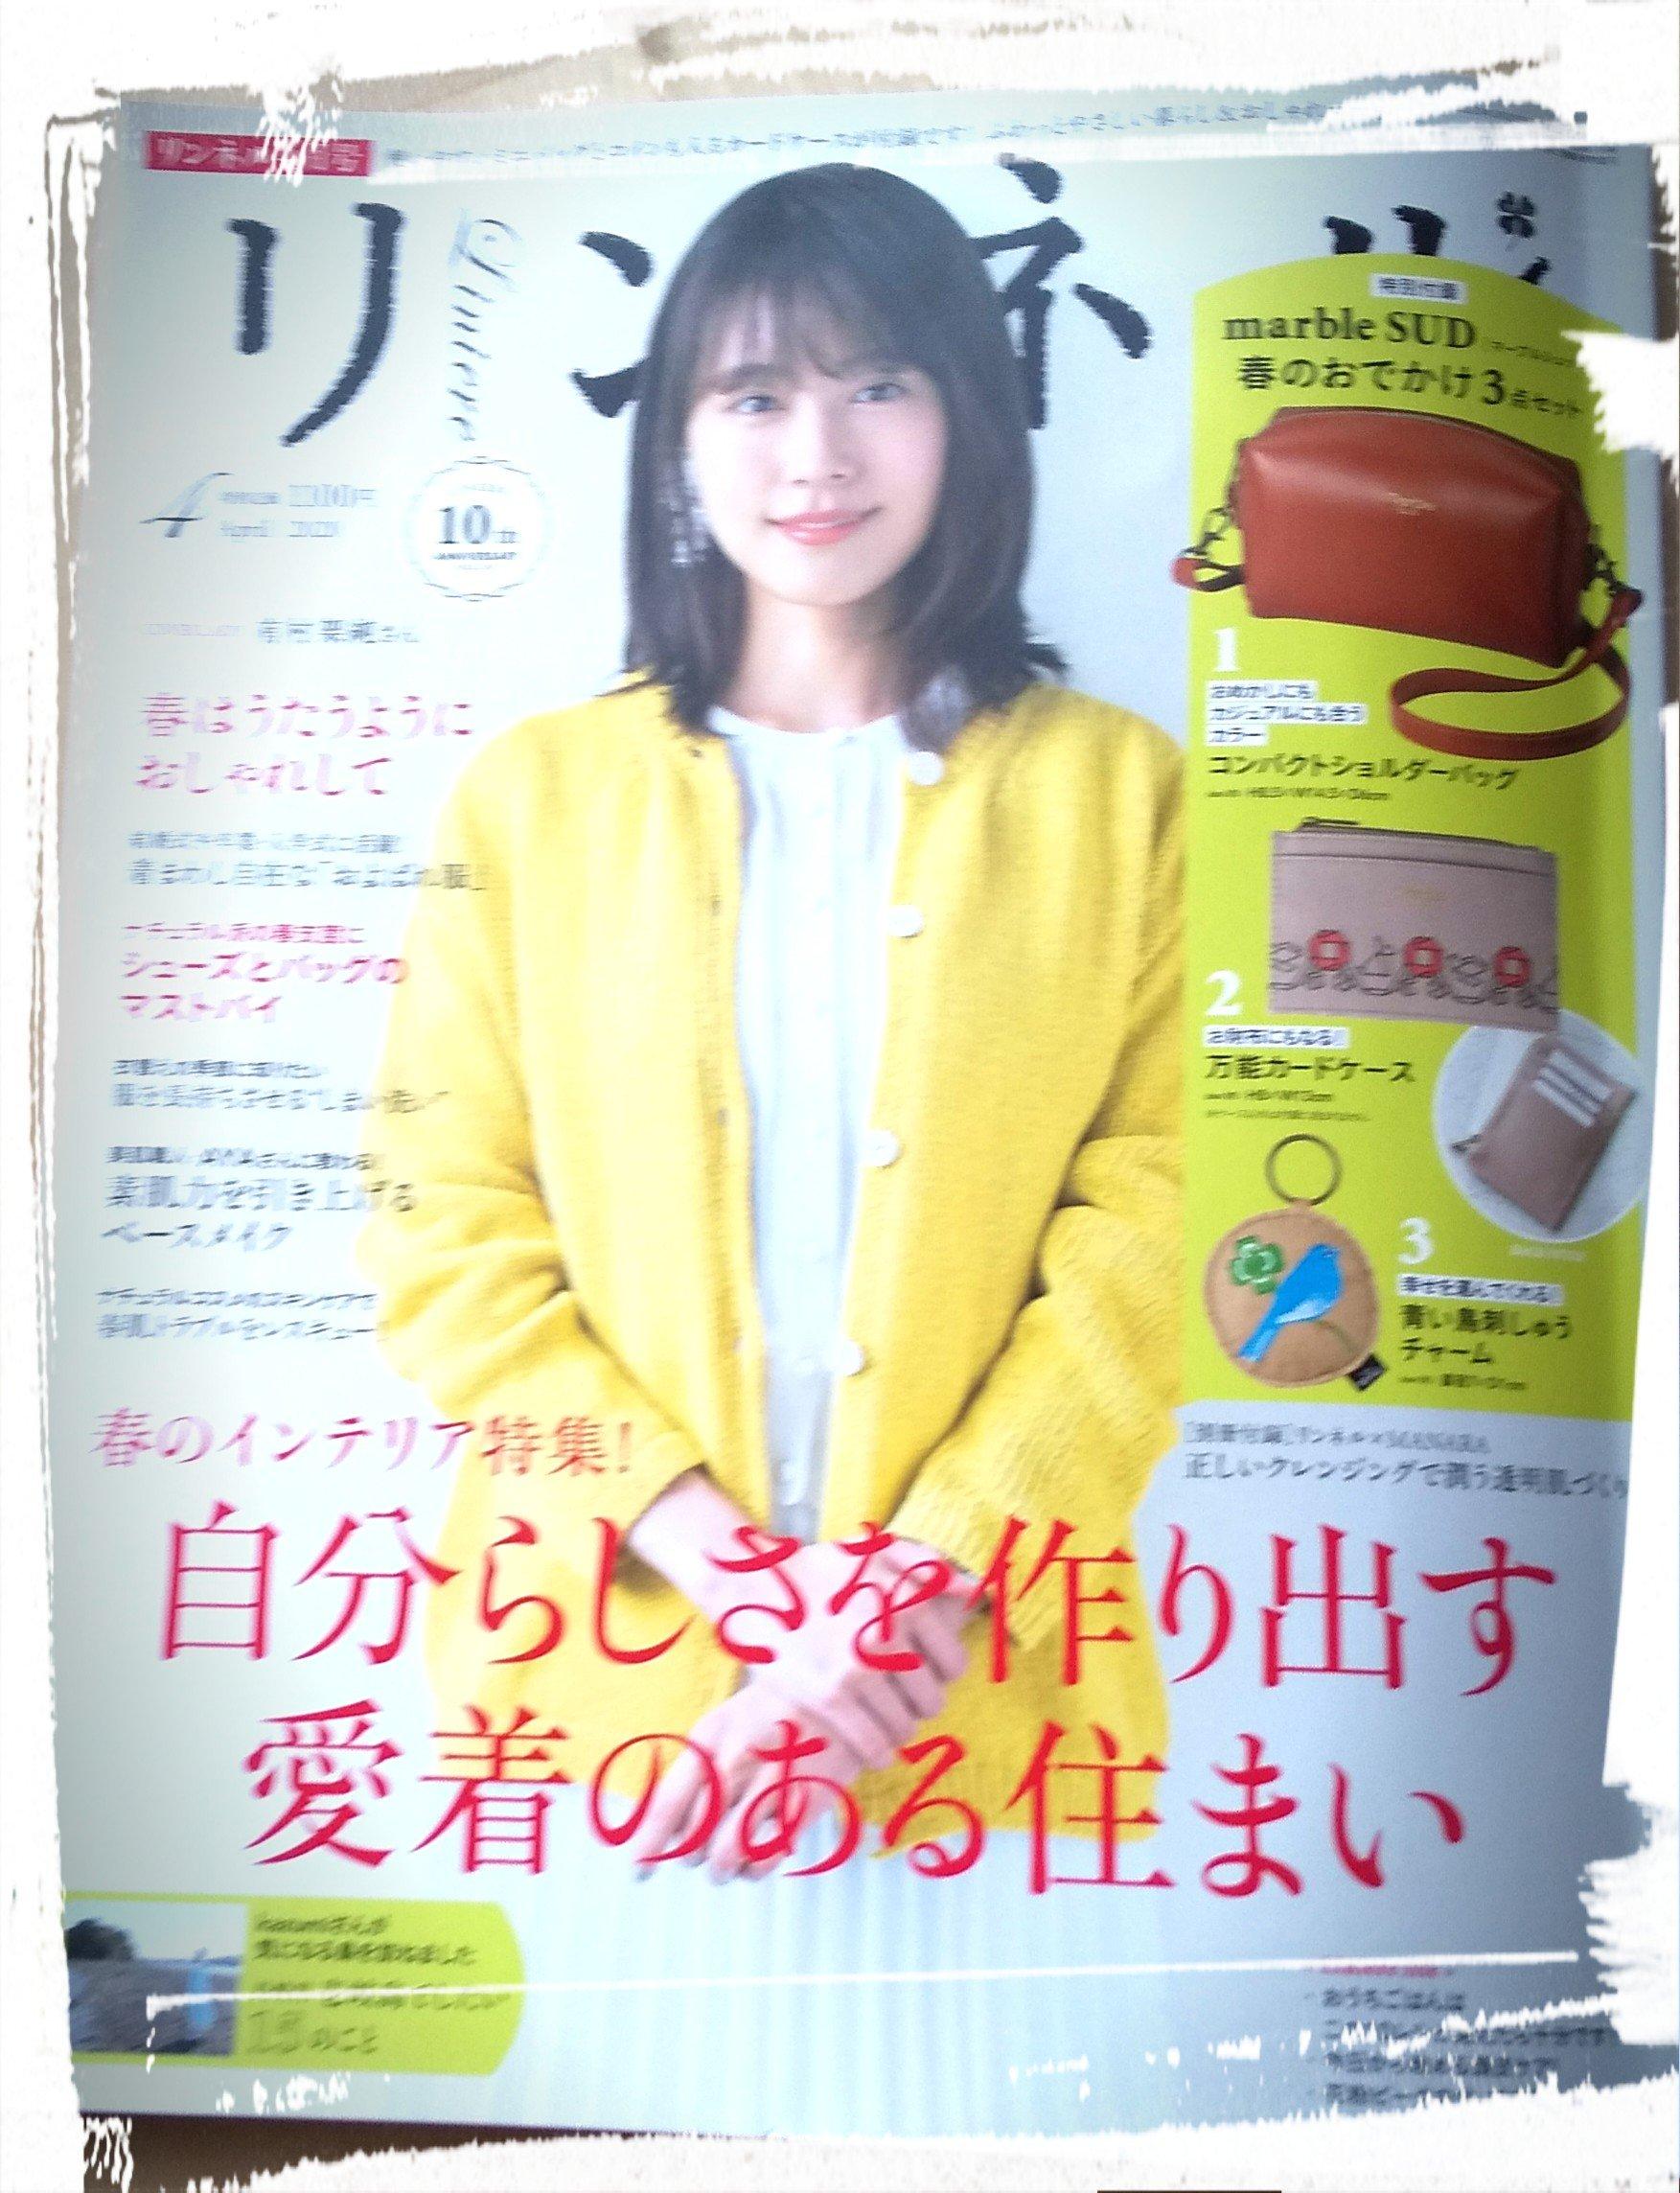 ぴーちぇすの学生さんたちににヘッドスパしてくれたお店が雑誌掲載